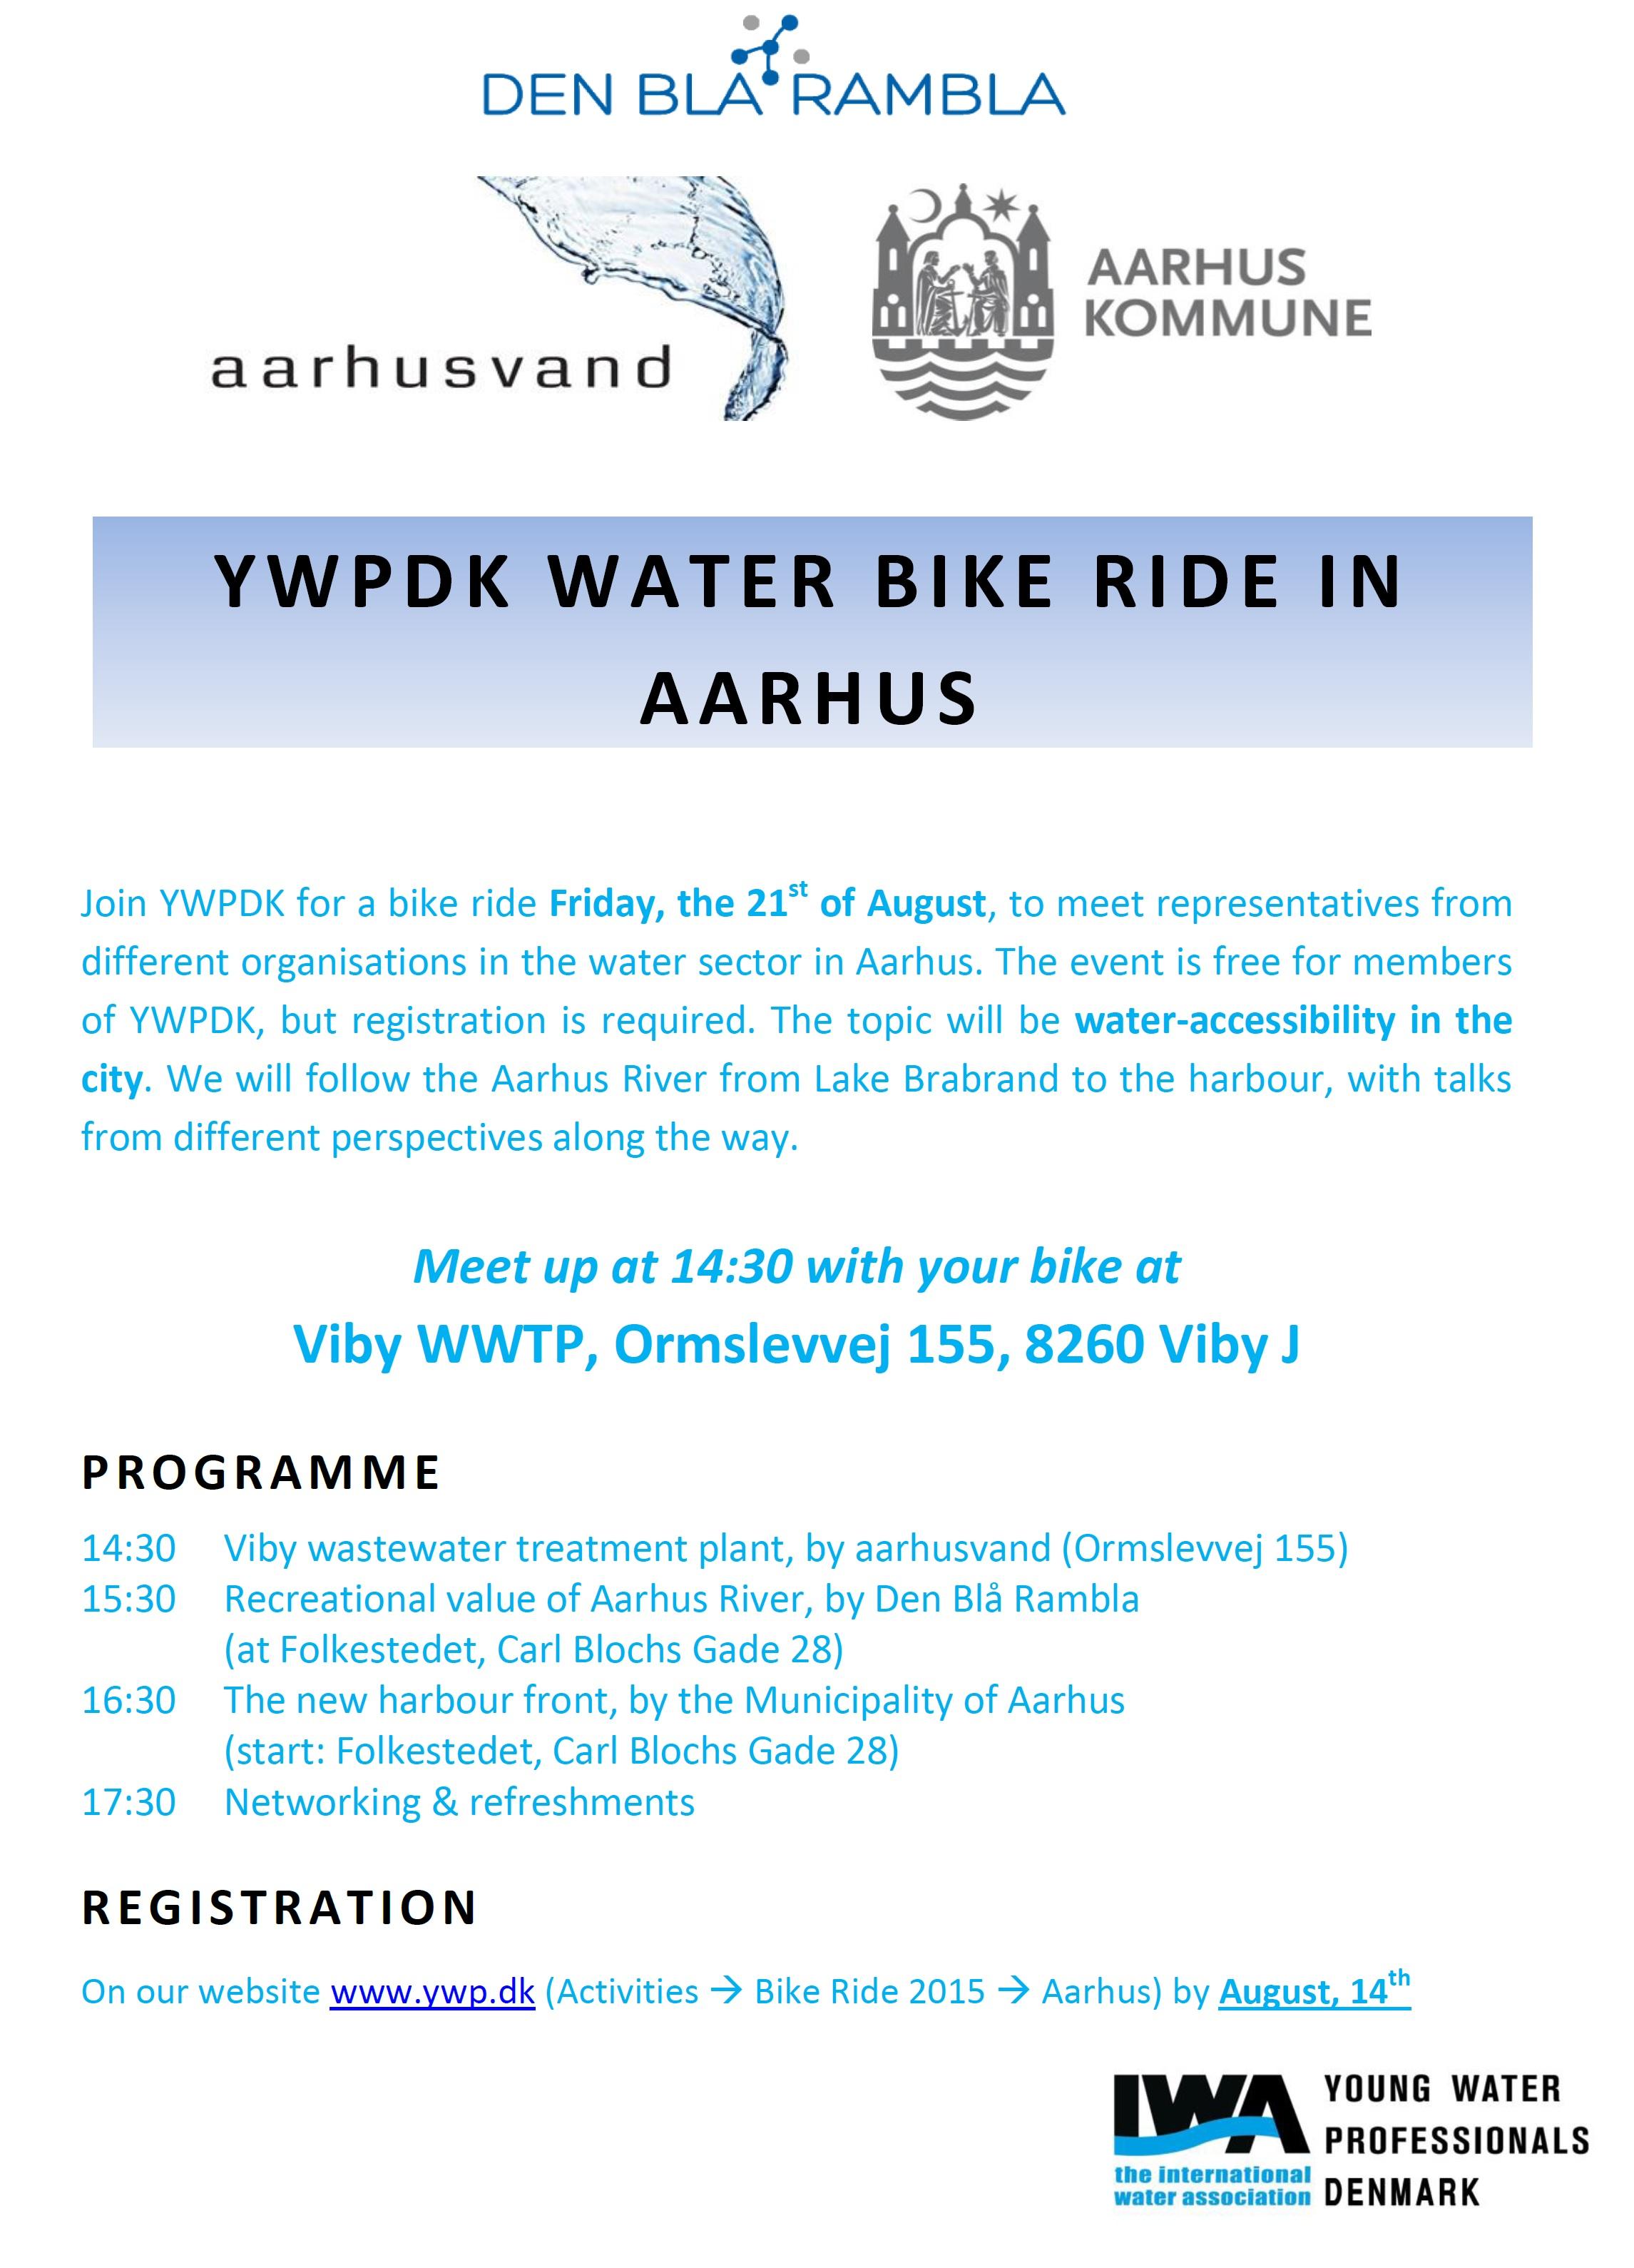 YWPDK_bike_ride_2015_Aarhus